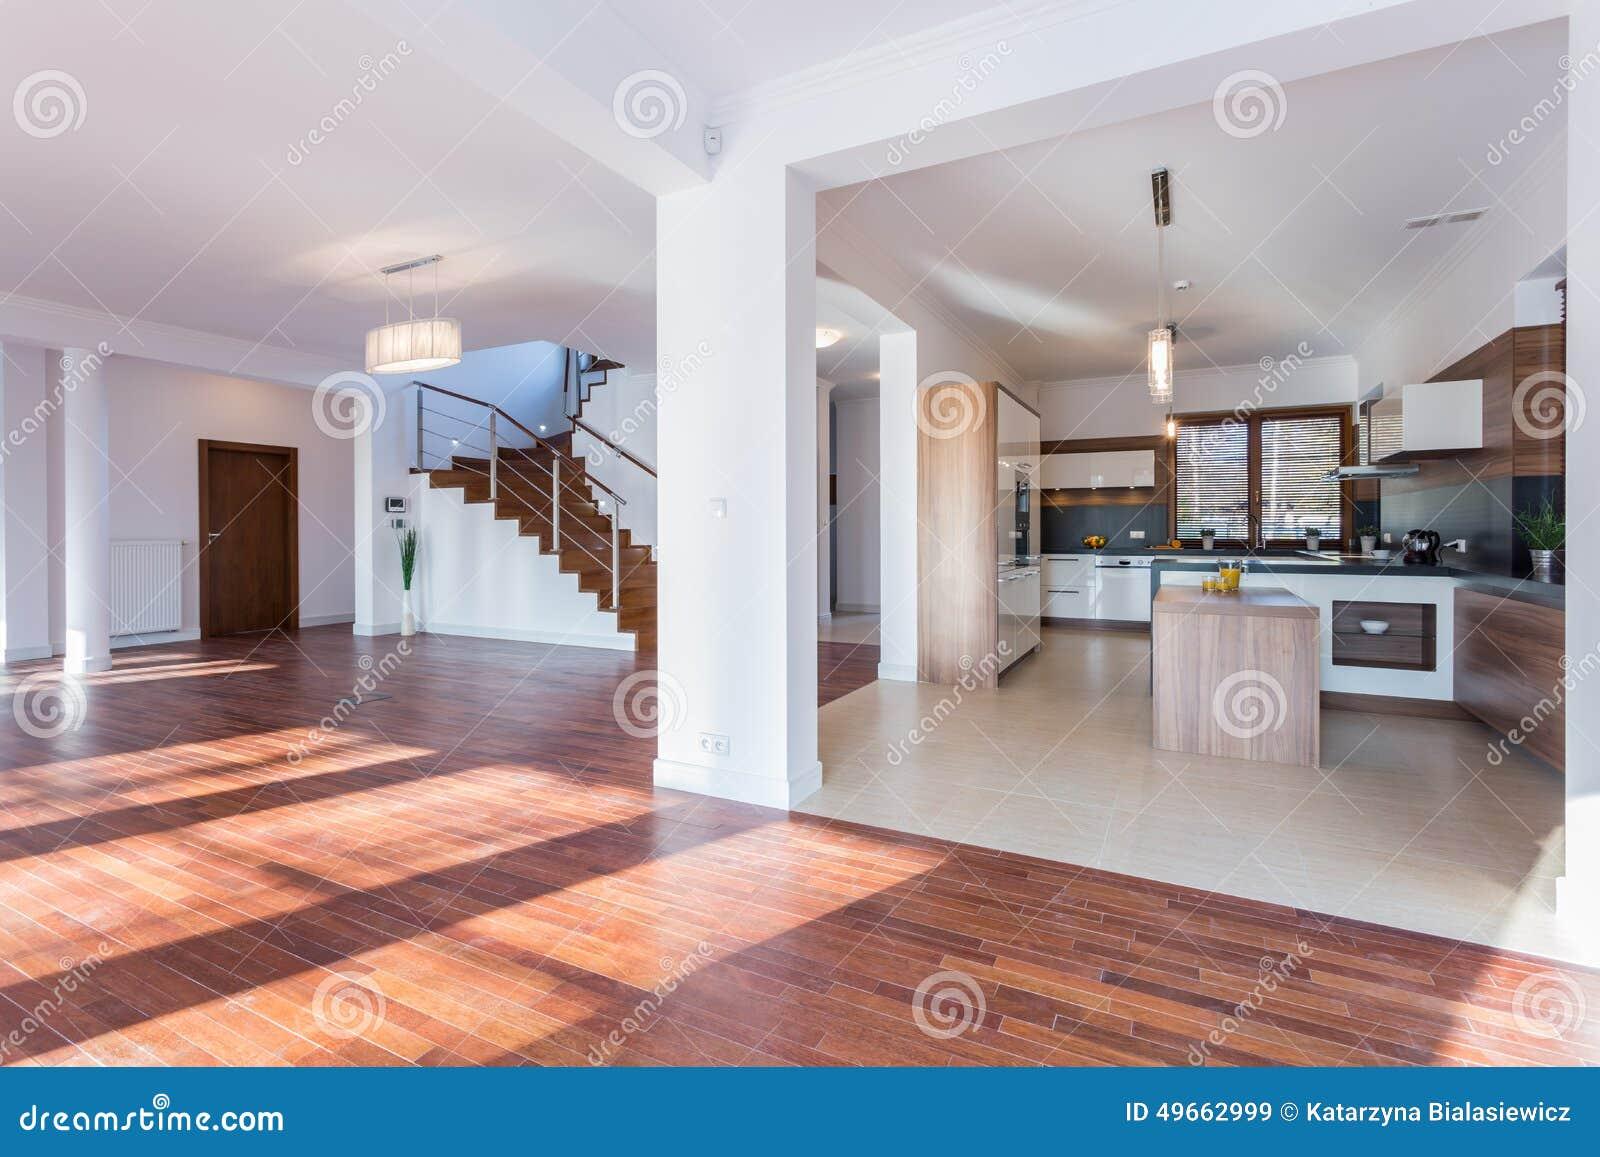 Pasillo espacioso y cocina abierta foto de archivo for Cocinas abiertas al pasillo